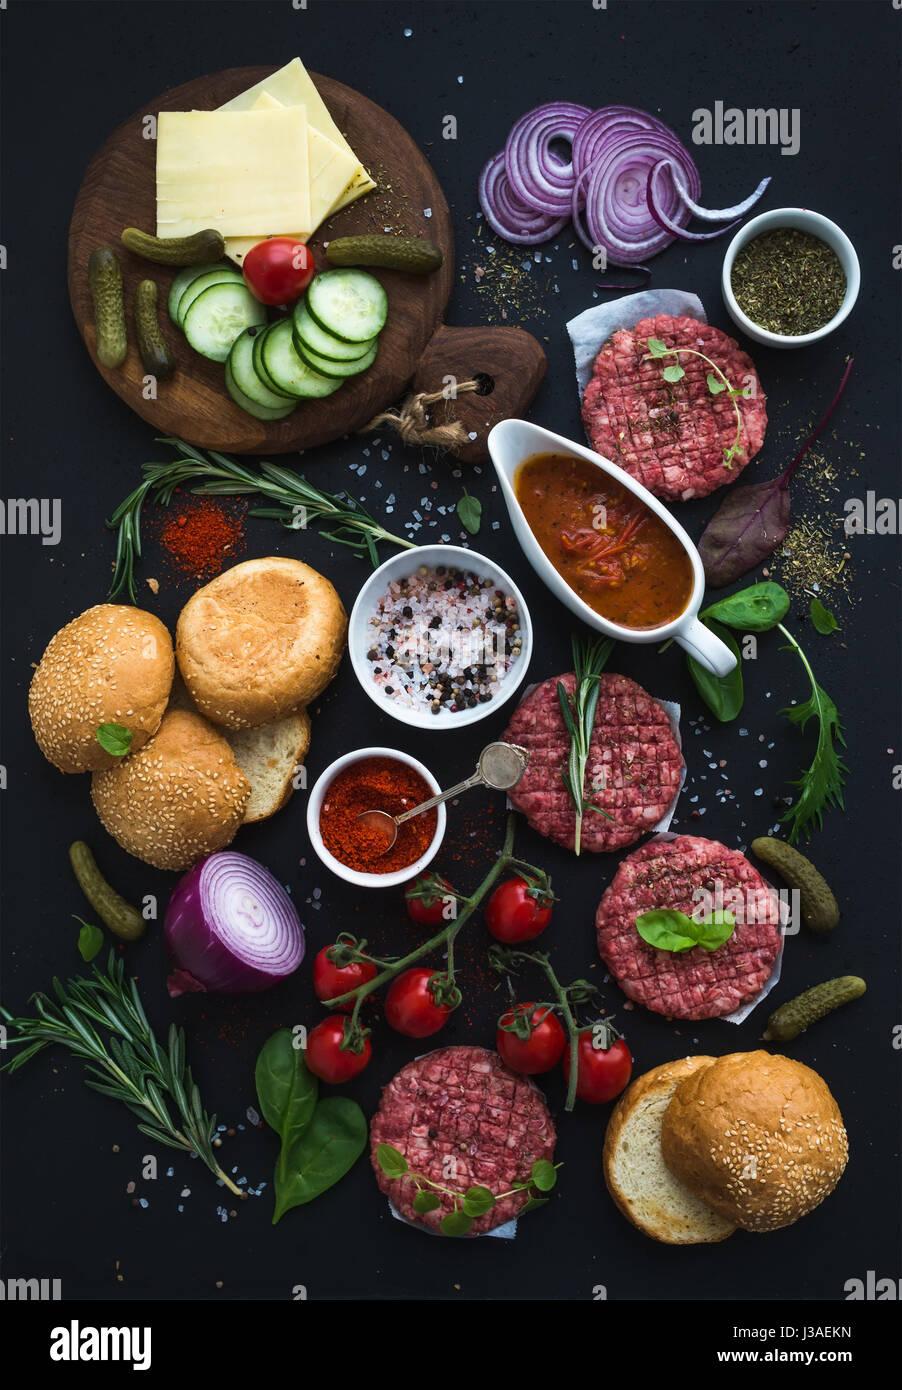 Ingrédients pour la cuisson des hamburgers. La viande de boeuf haché cru escalopes, brioches, oignons Photo Stock